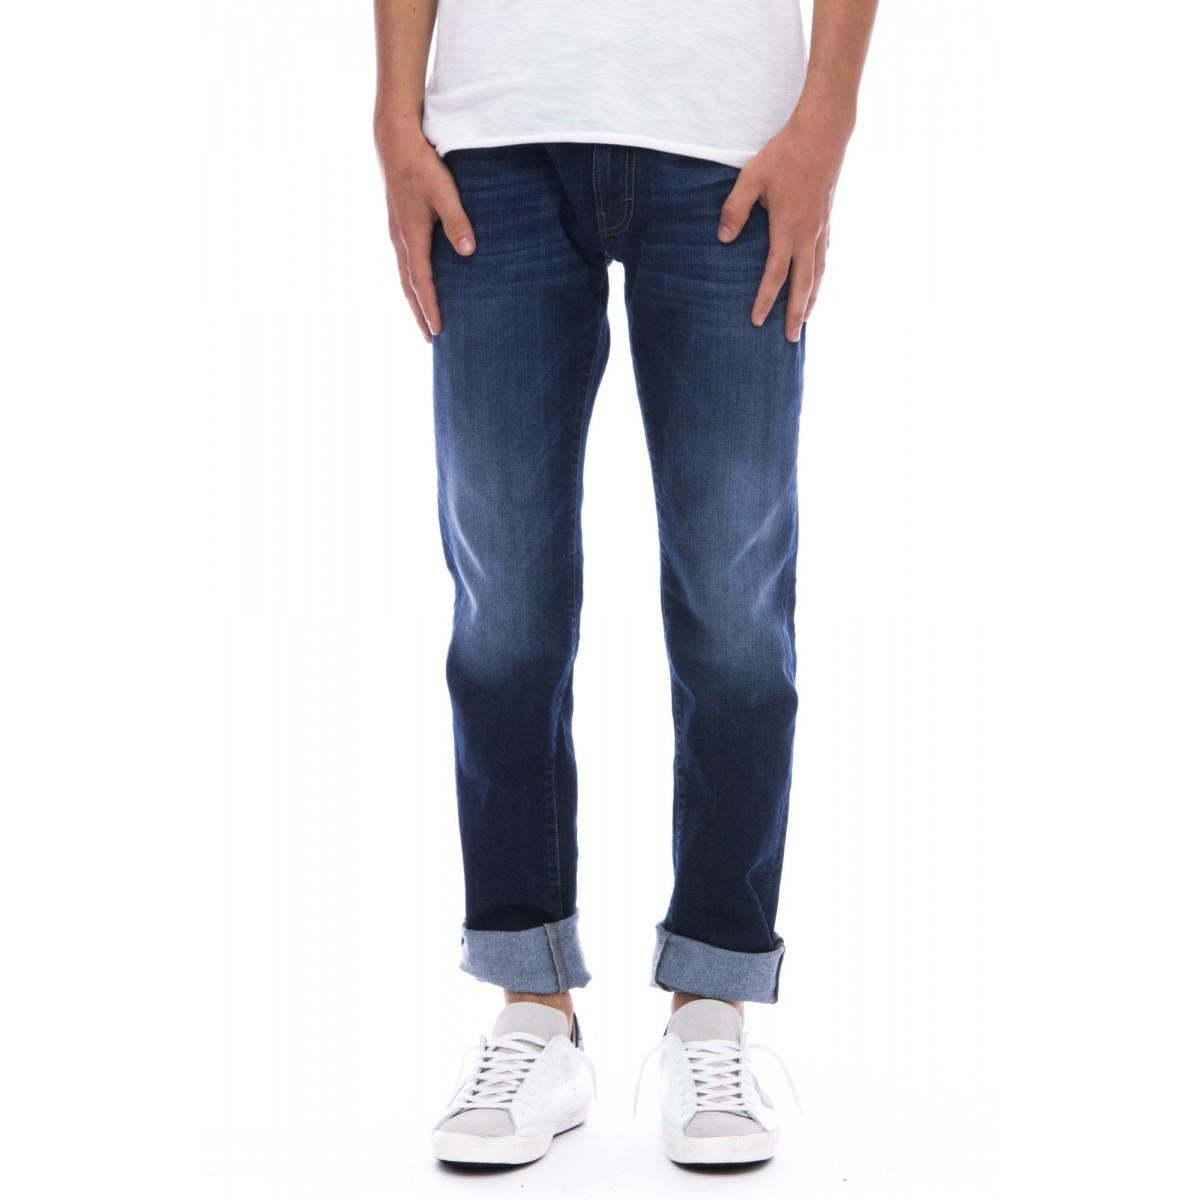 Jeans Pt 05 - C646l4 ku07 jeans kurabo strech